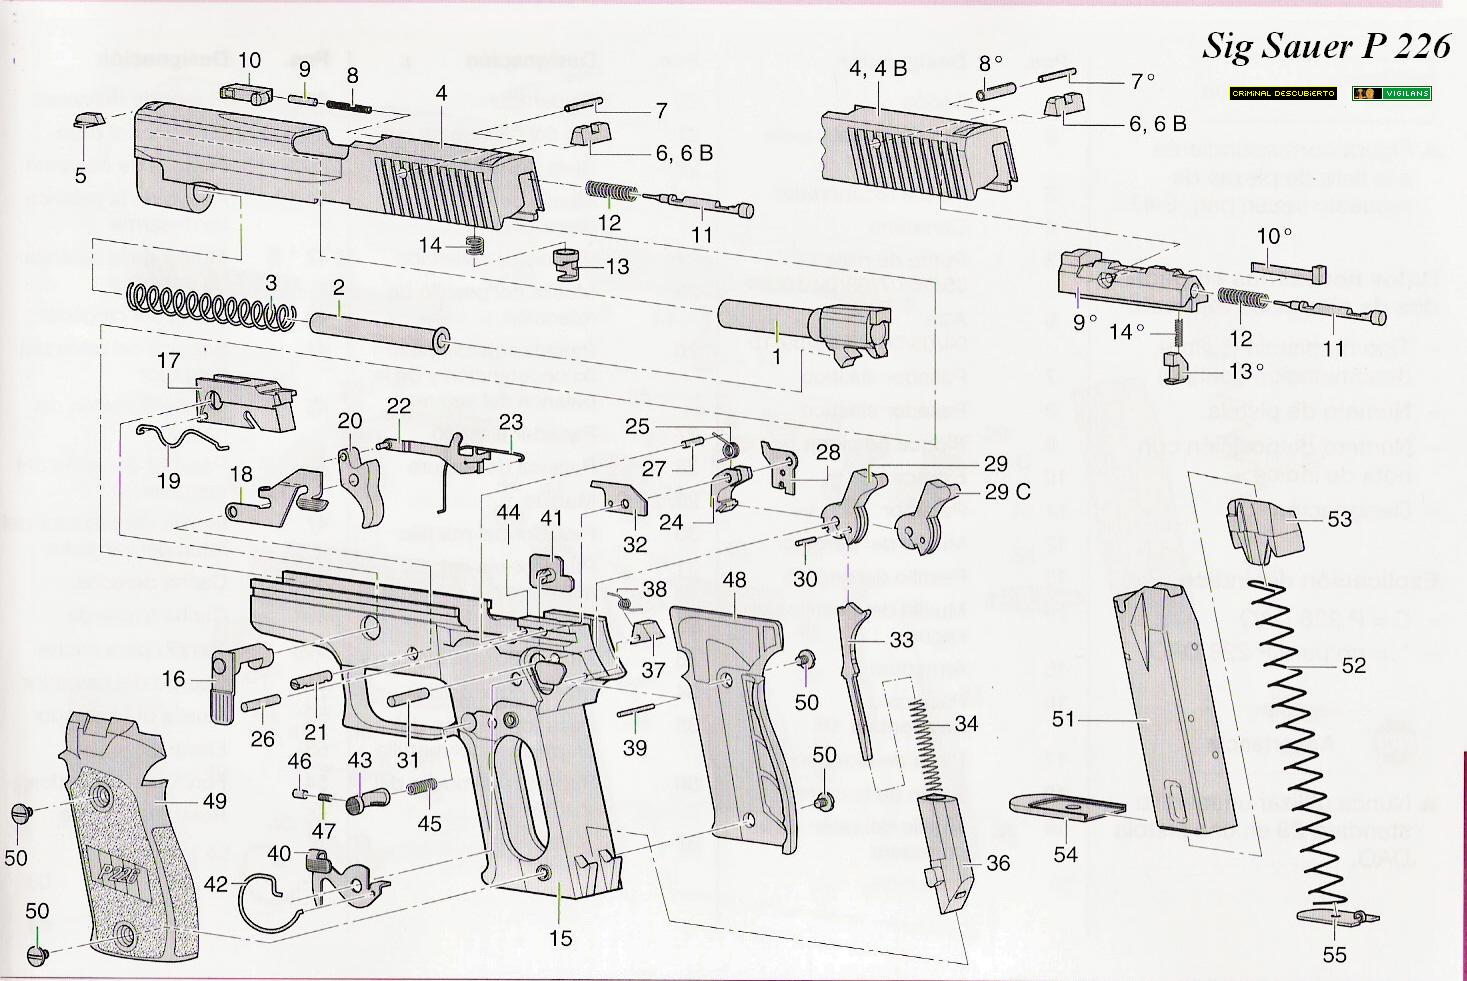 sig sauer p226 parts diagram 12v bathroom extractor fan wiring despiece armas: